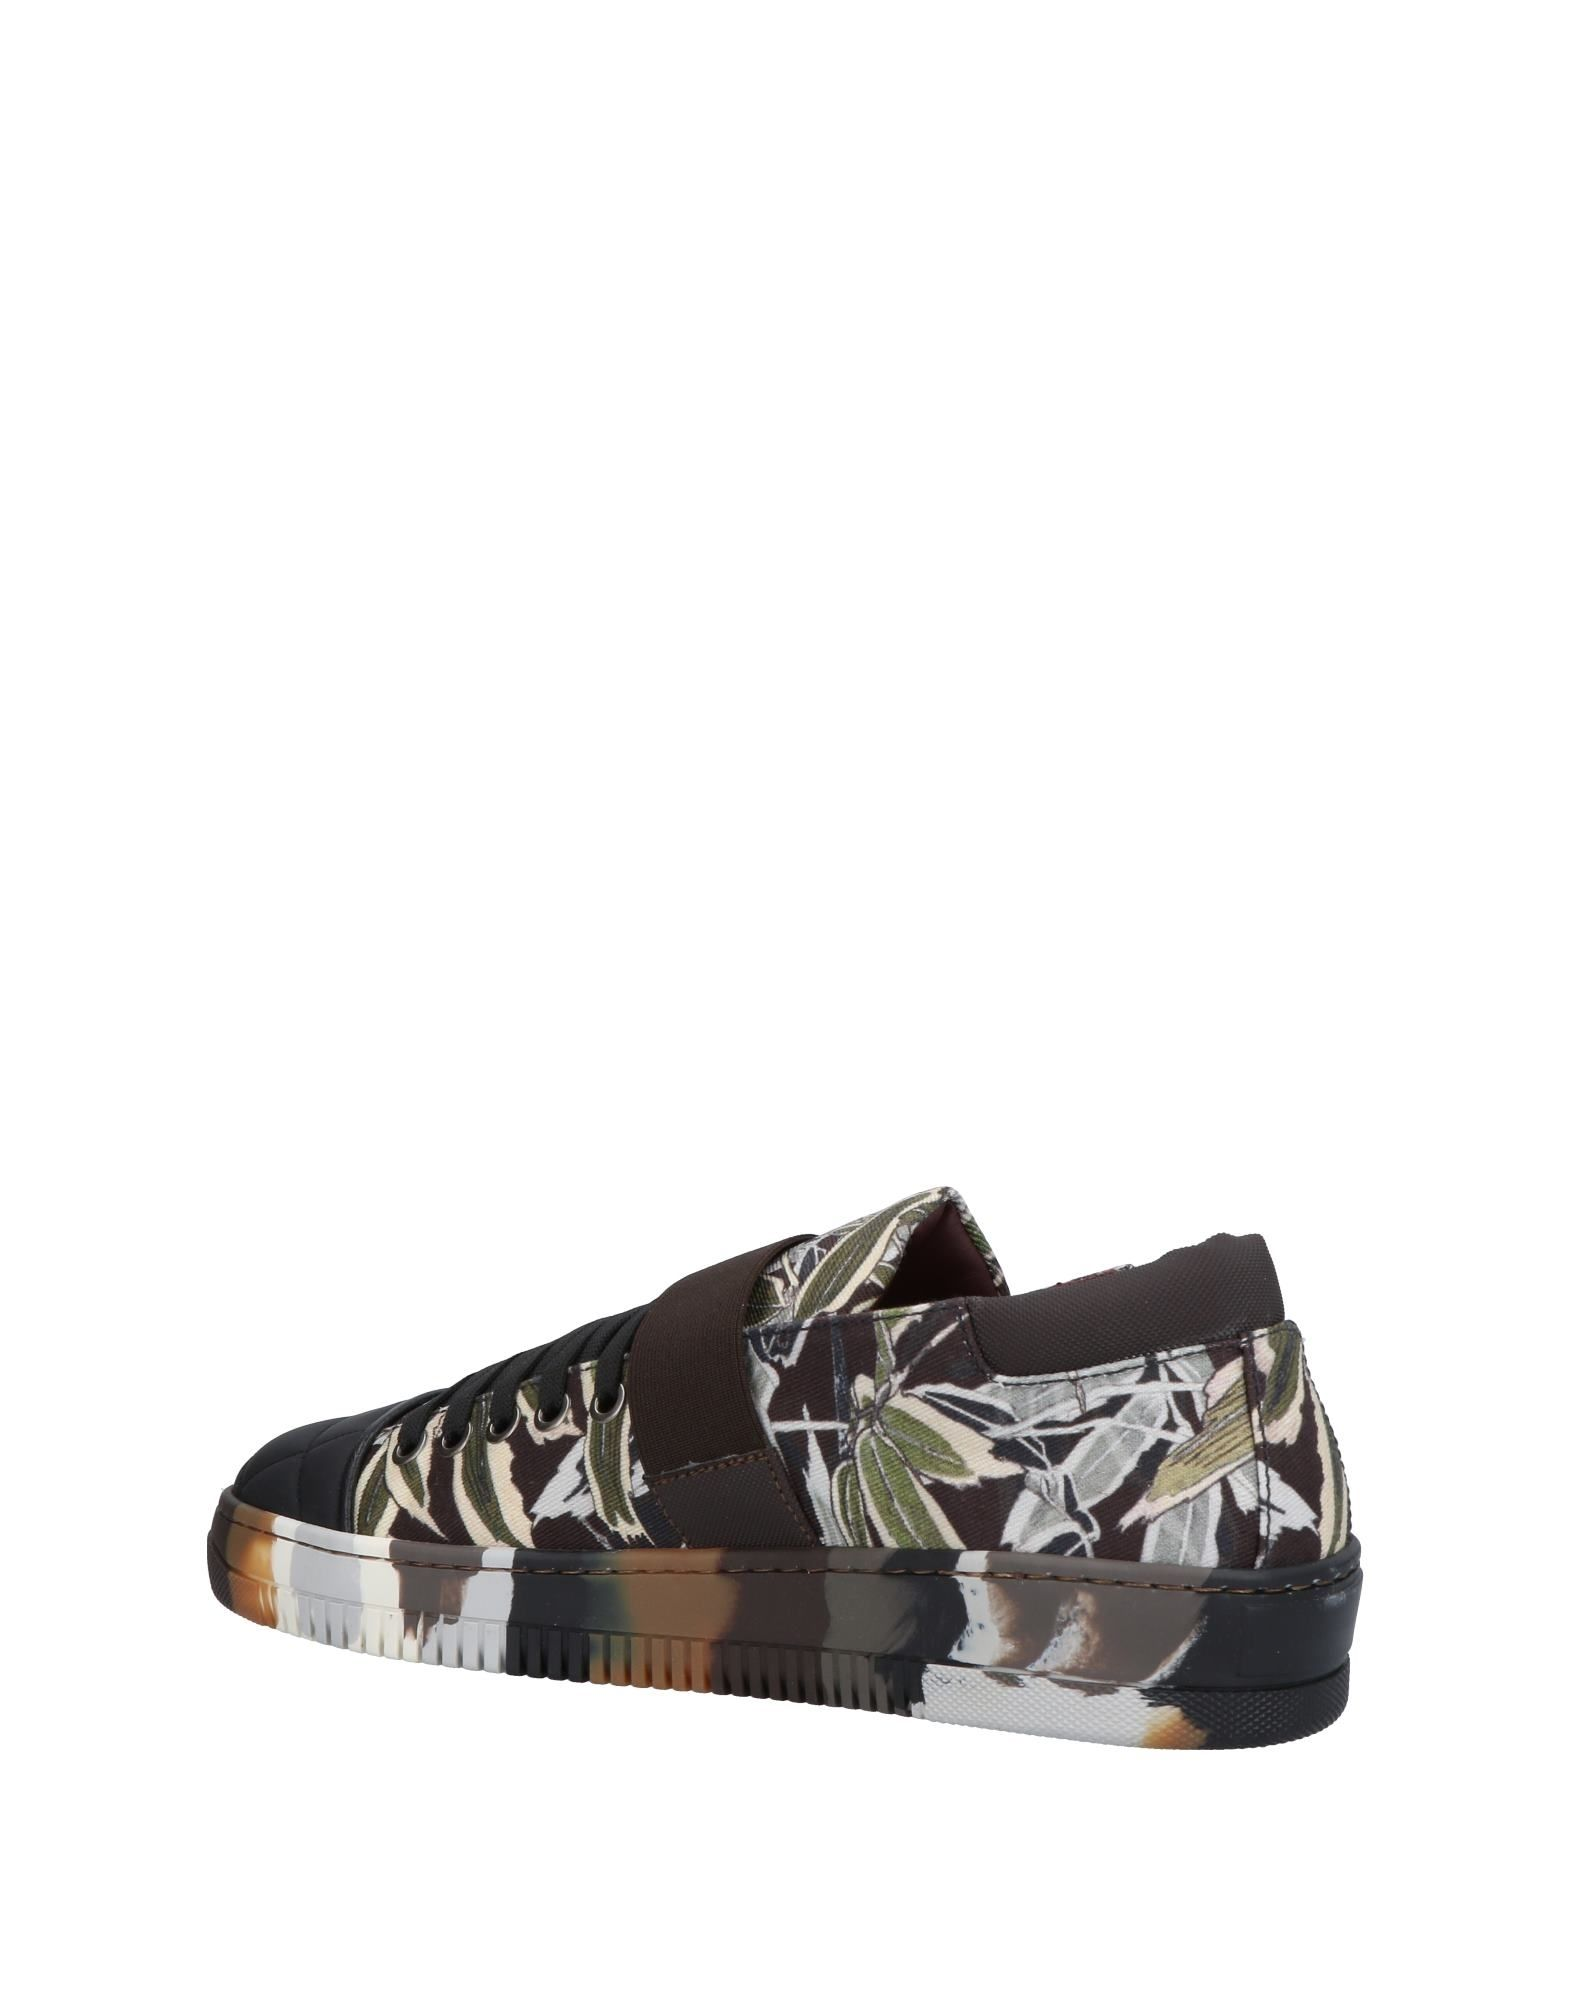 Antonio 11467446FS Marras Sneakers Herren  11467446FS Antonio Gute Qualität beliebte Schuhe 5dd171